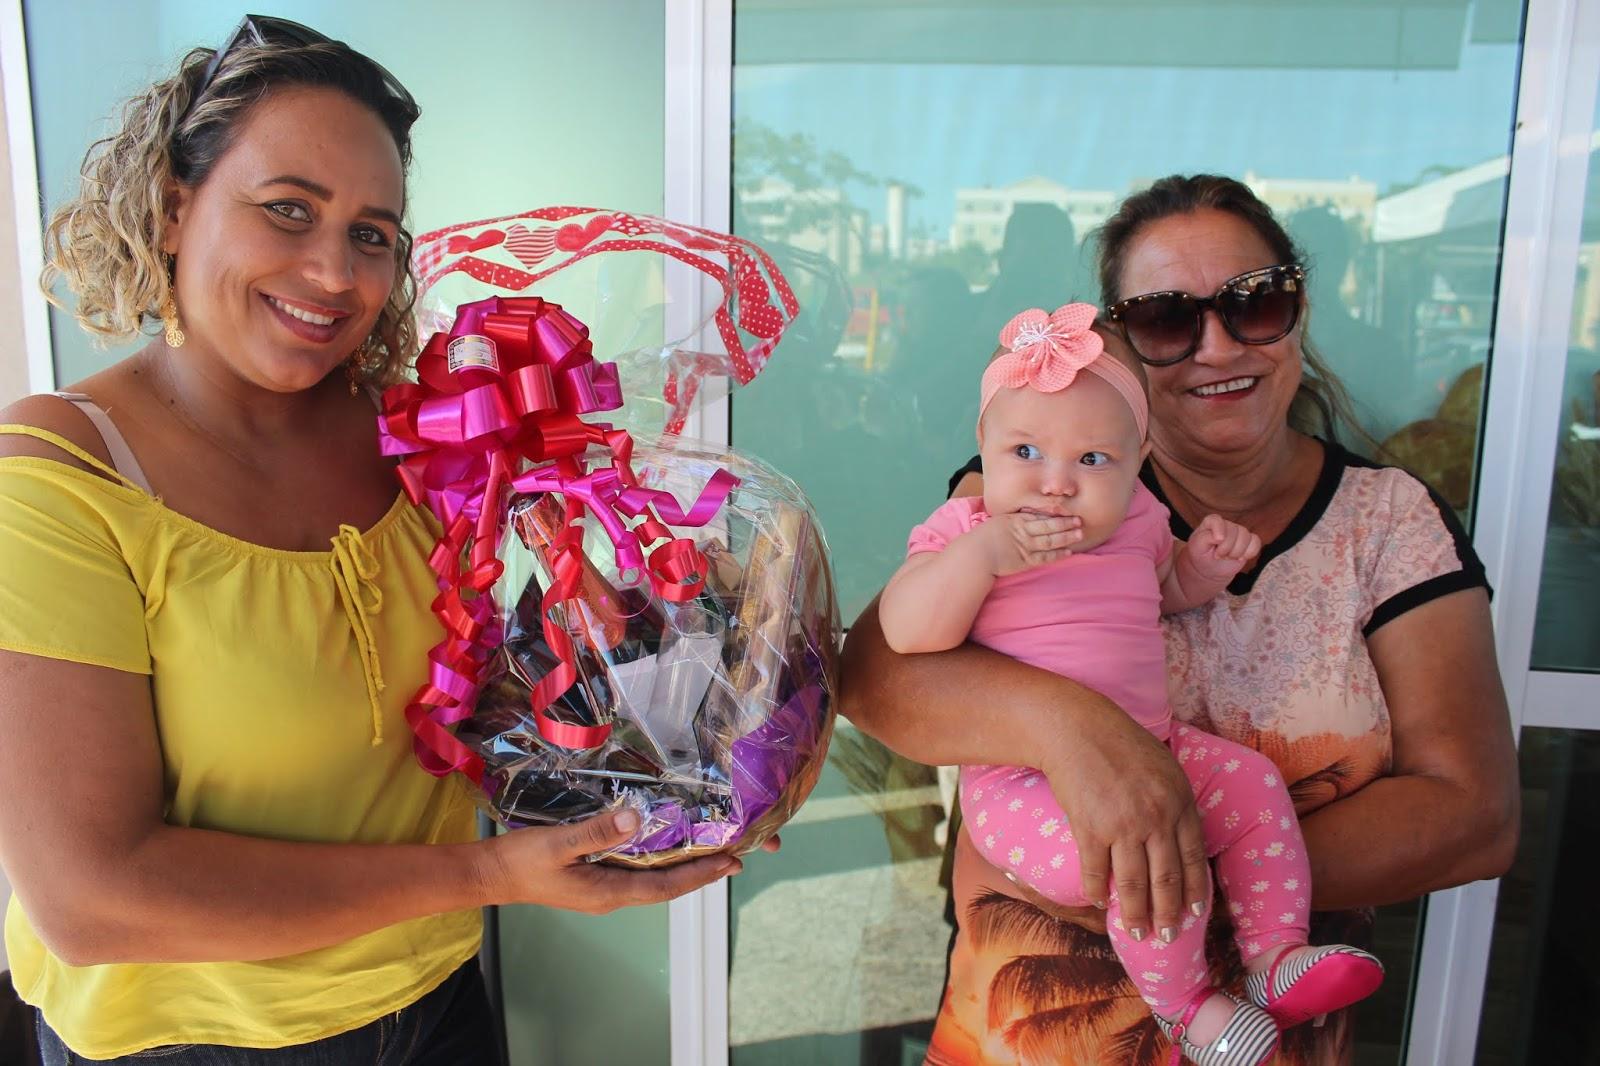 IMG 3669 - Dia 12 de maio dia das Mães no Jardins Mangueiral foi com muta diverção e alegria com um lindo café da manha